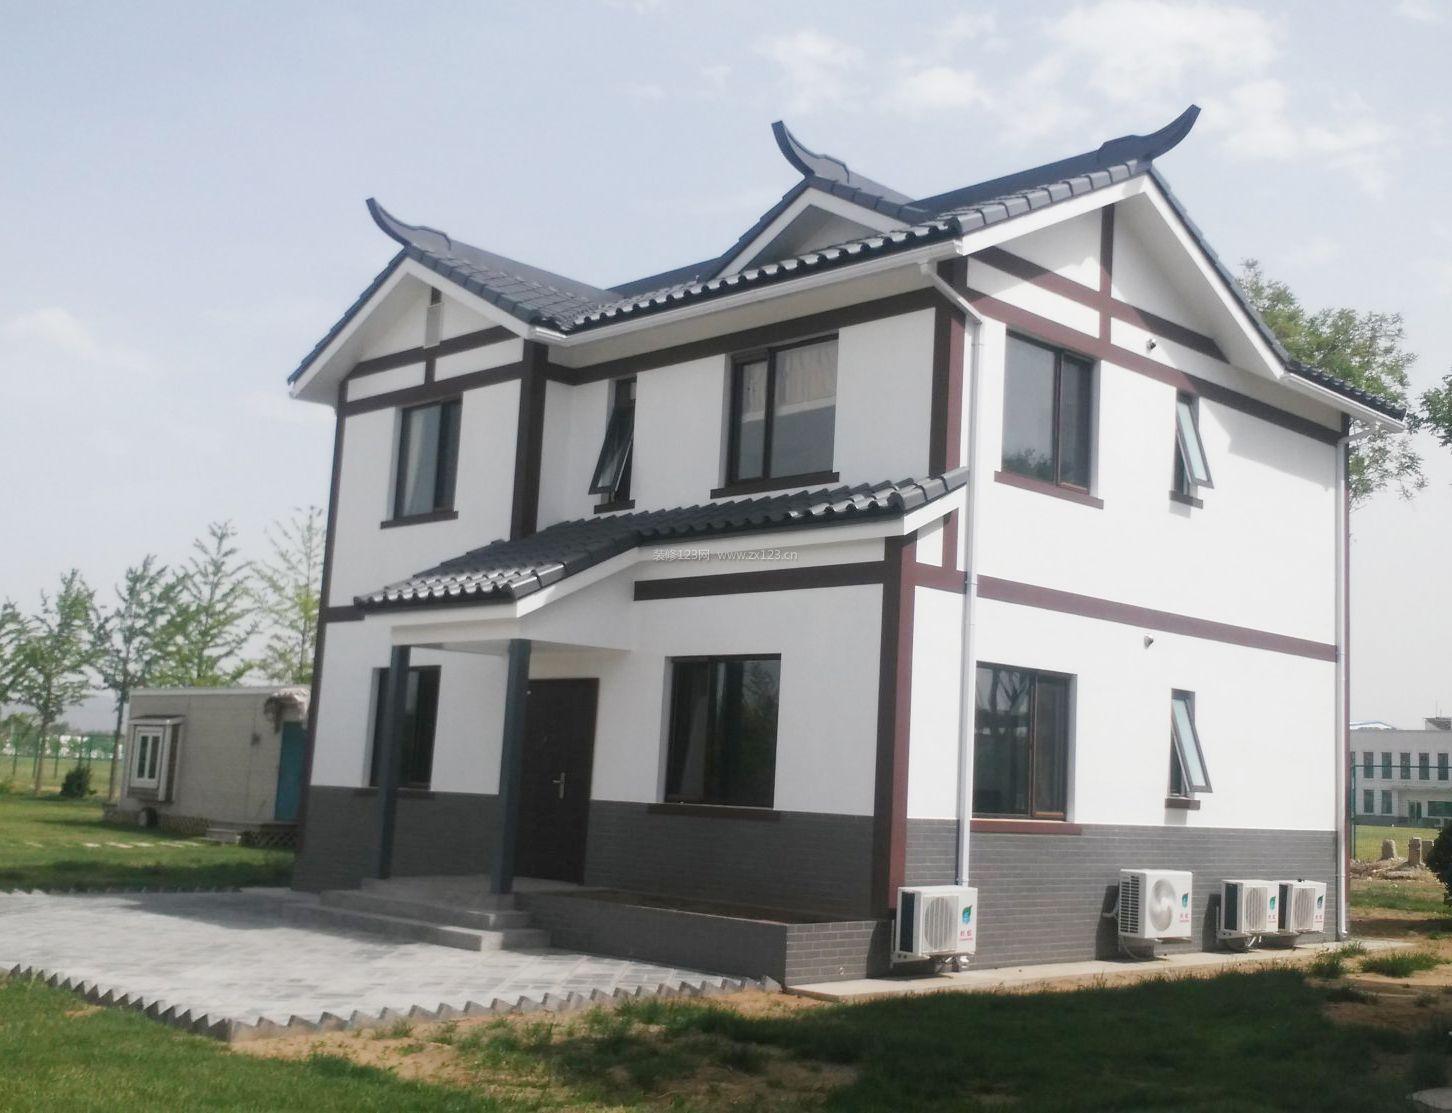 中式风格农村别墅外墙瓷砖设计效果图